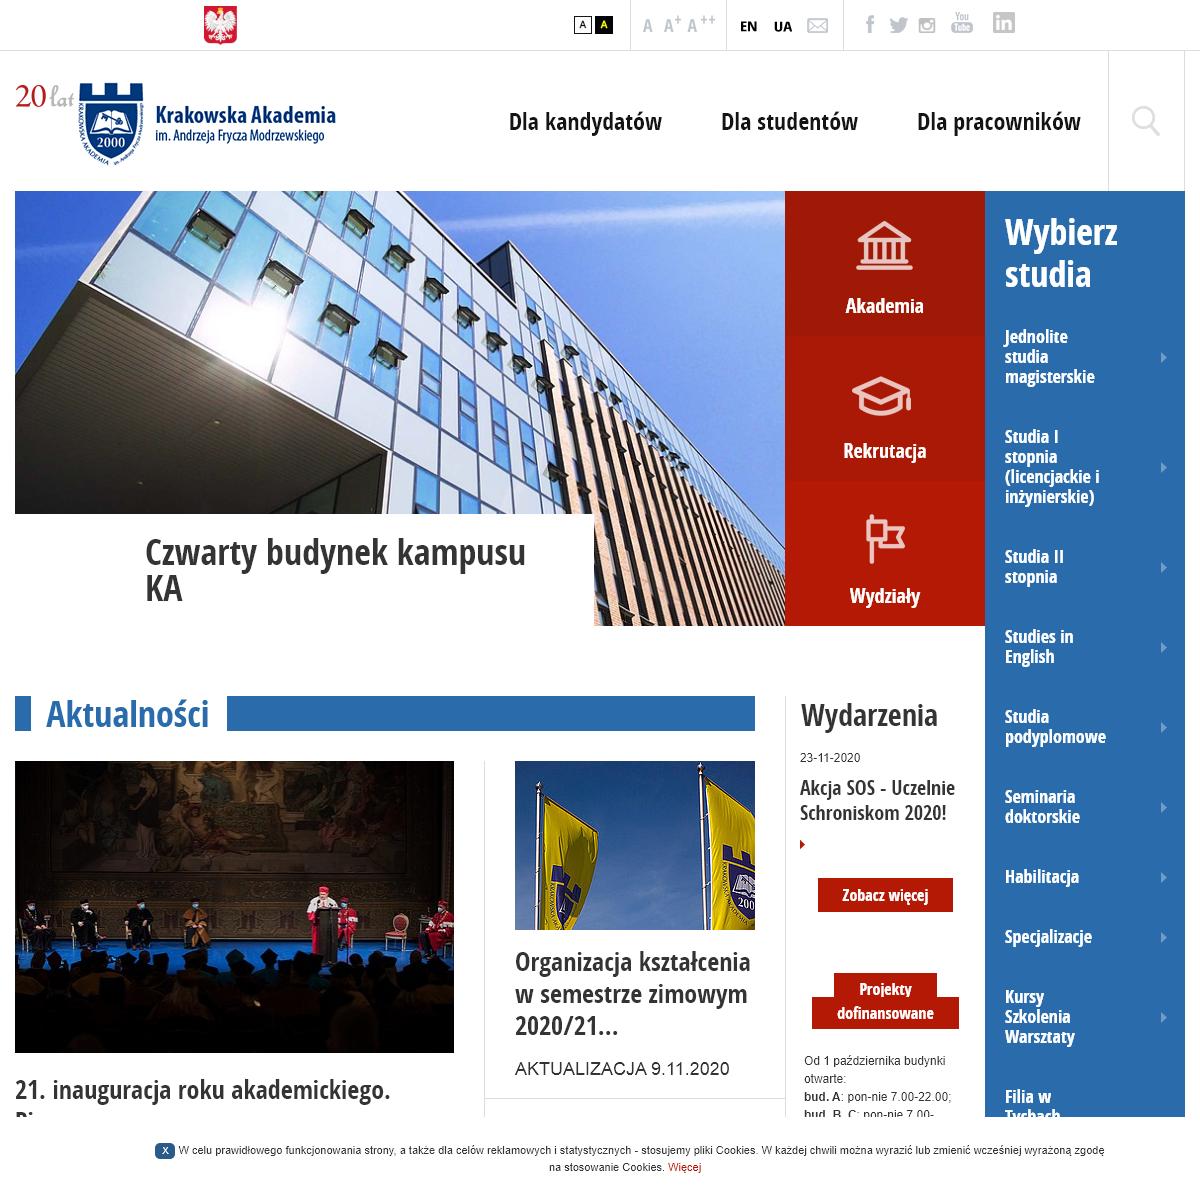 Krakowska Akademia im Andrzeja Frycza Modrzewskiego